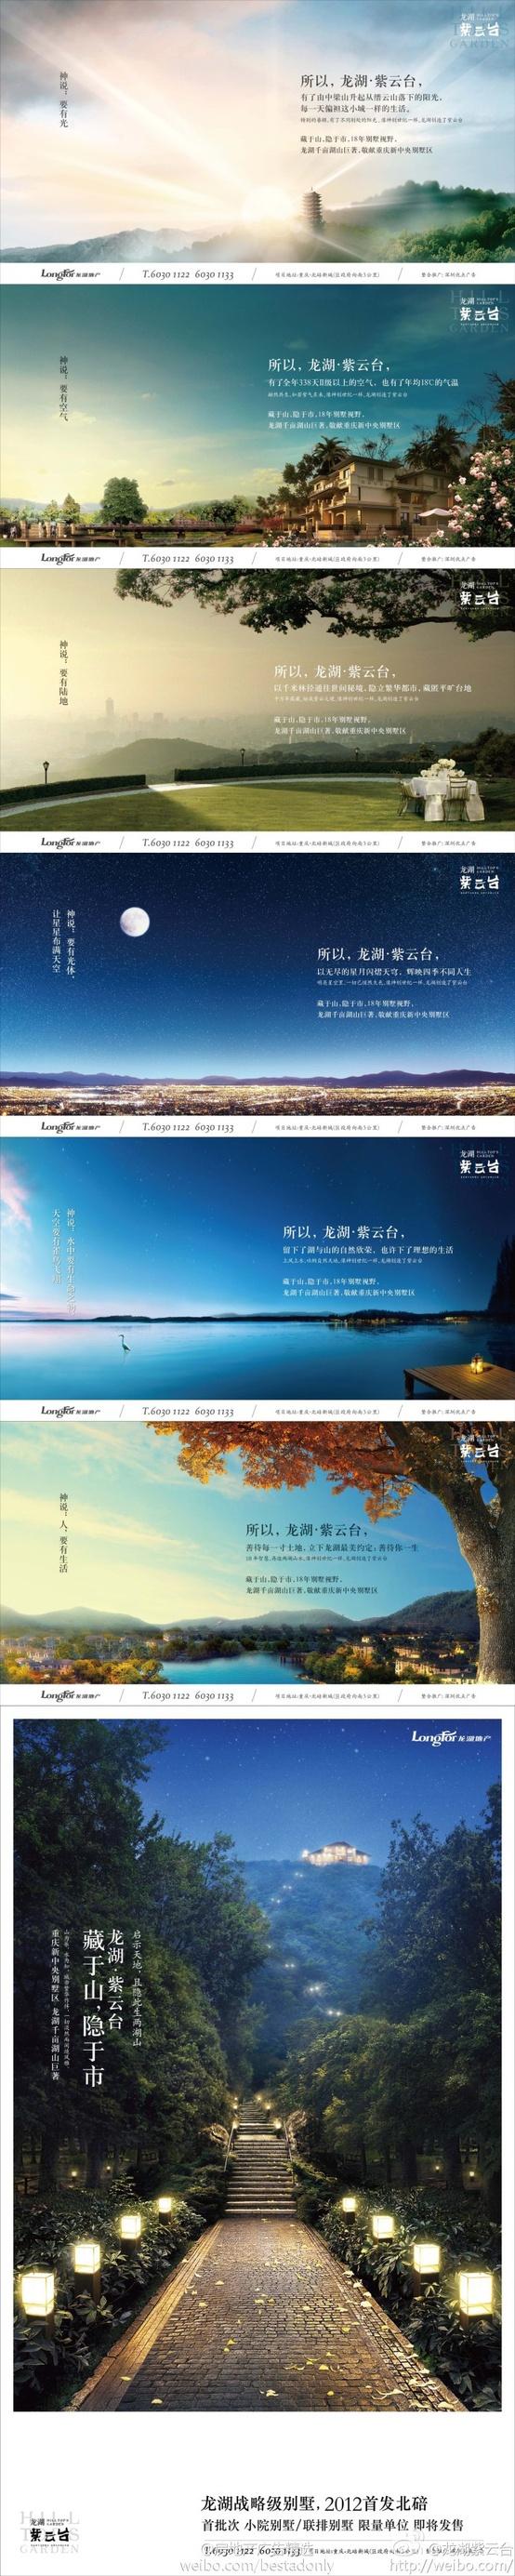 房地产广告精选的照片 - 微相册